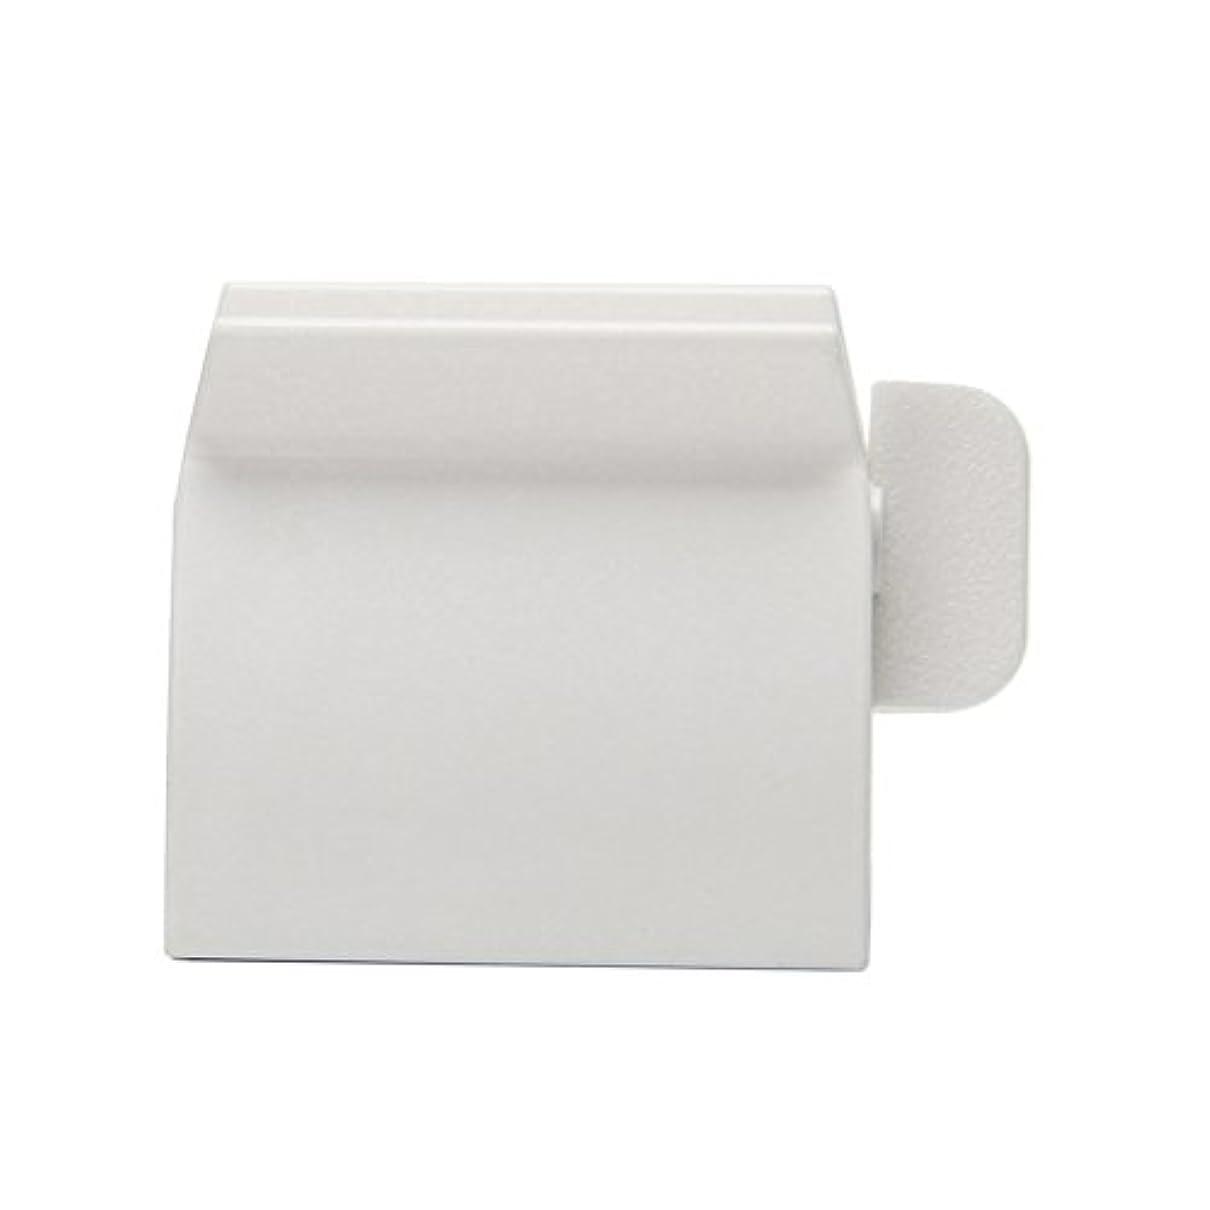 公使館請求旋律的Lamdoo浴室ホームチューブローリングホルダースクイーザ簡単歯磨き粉ディスペンサー